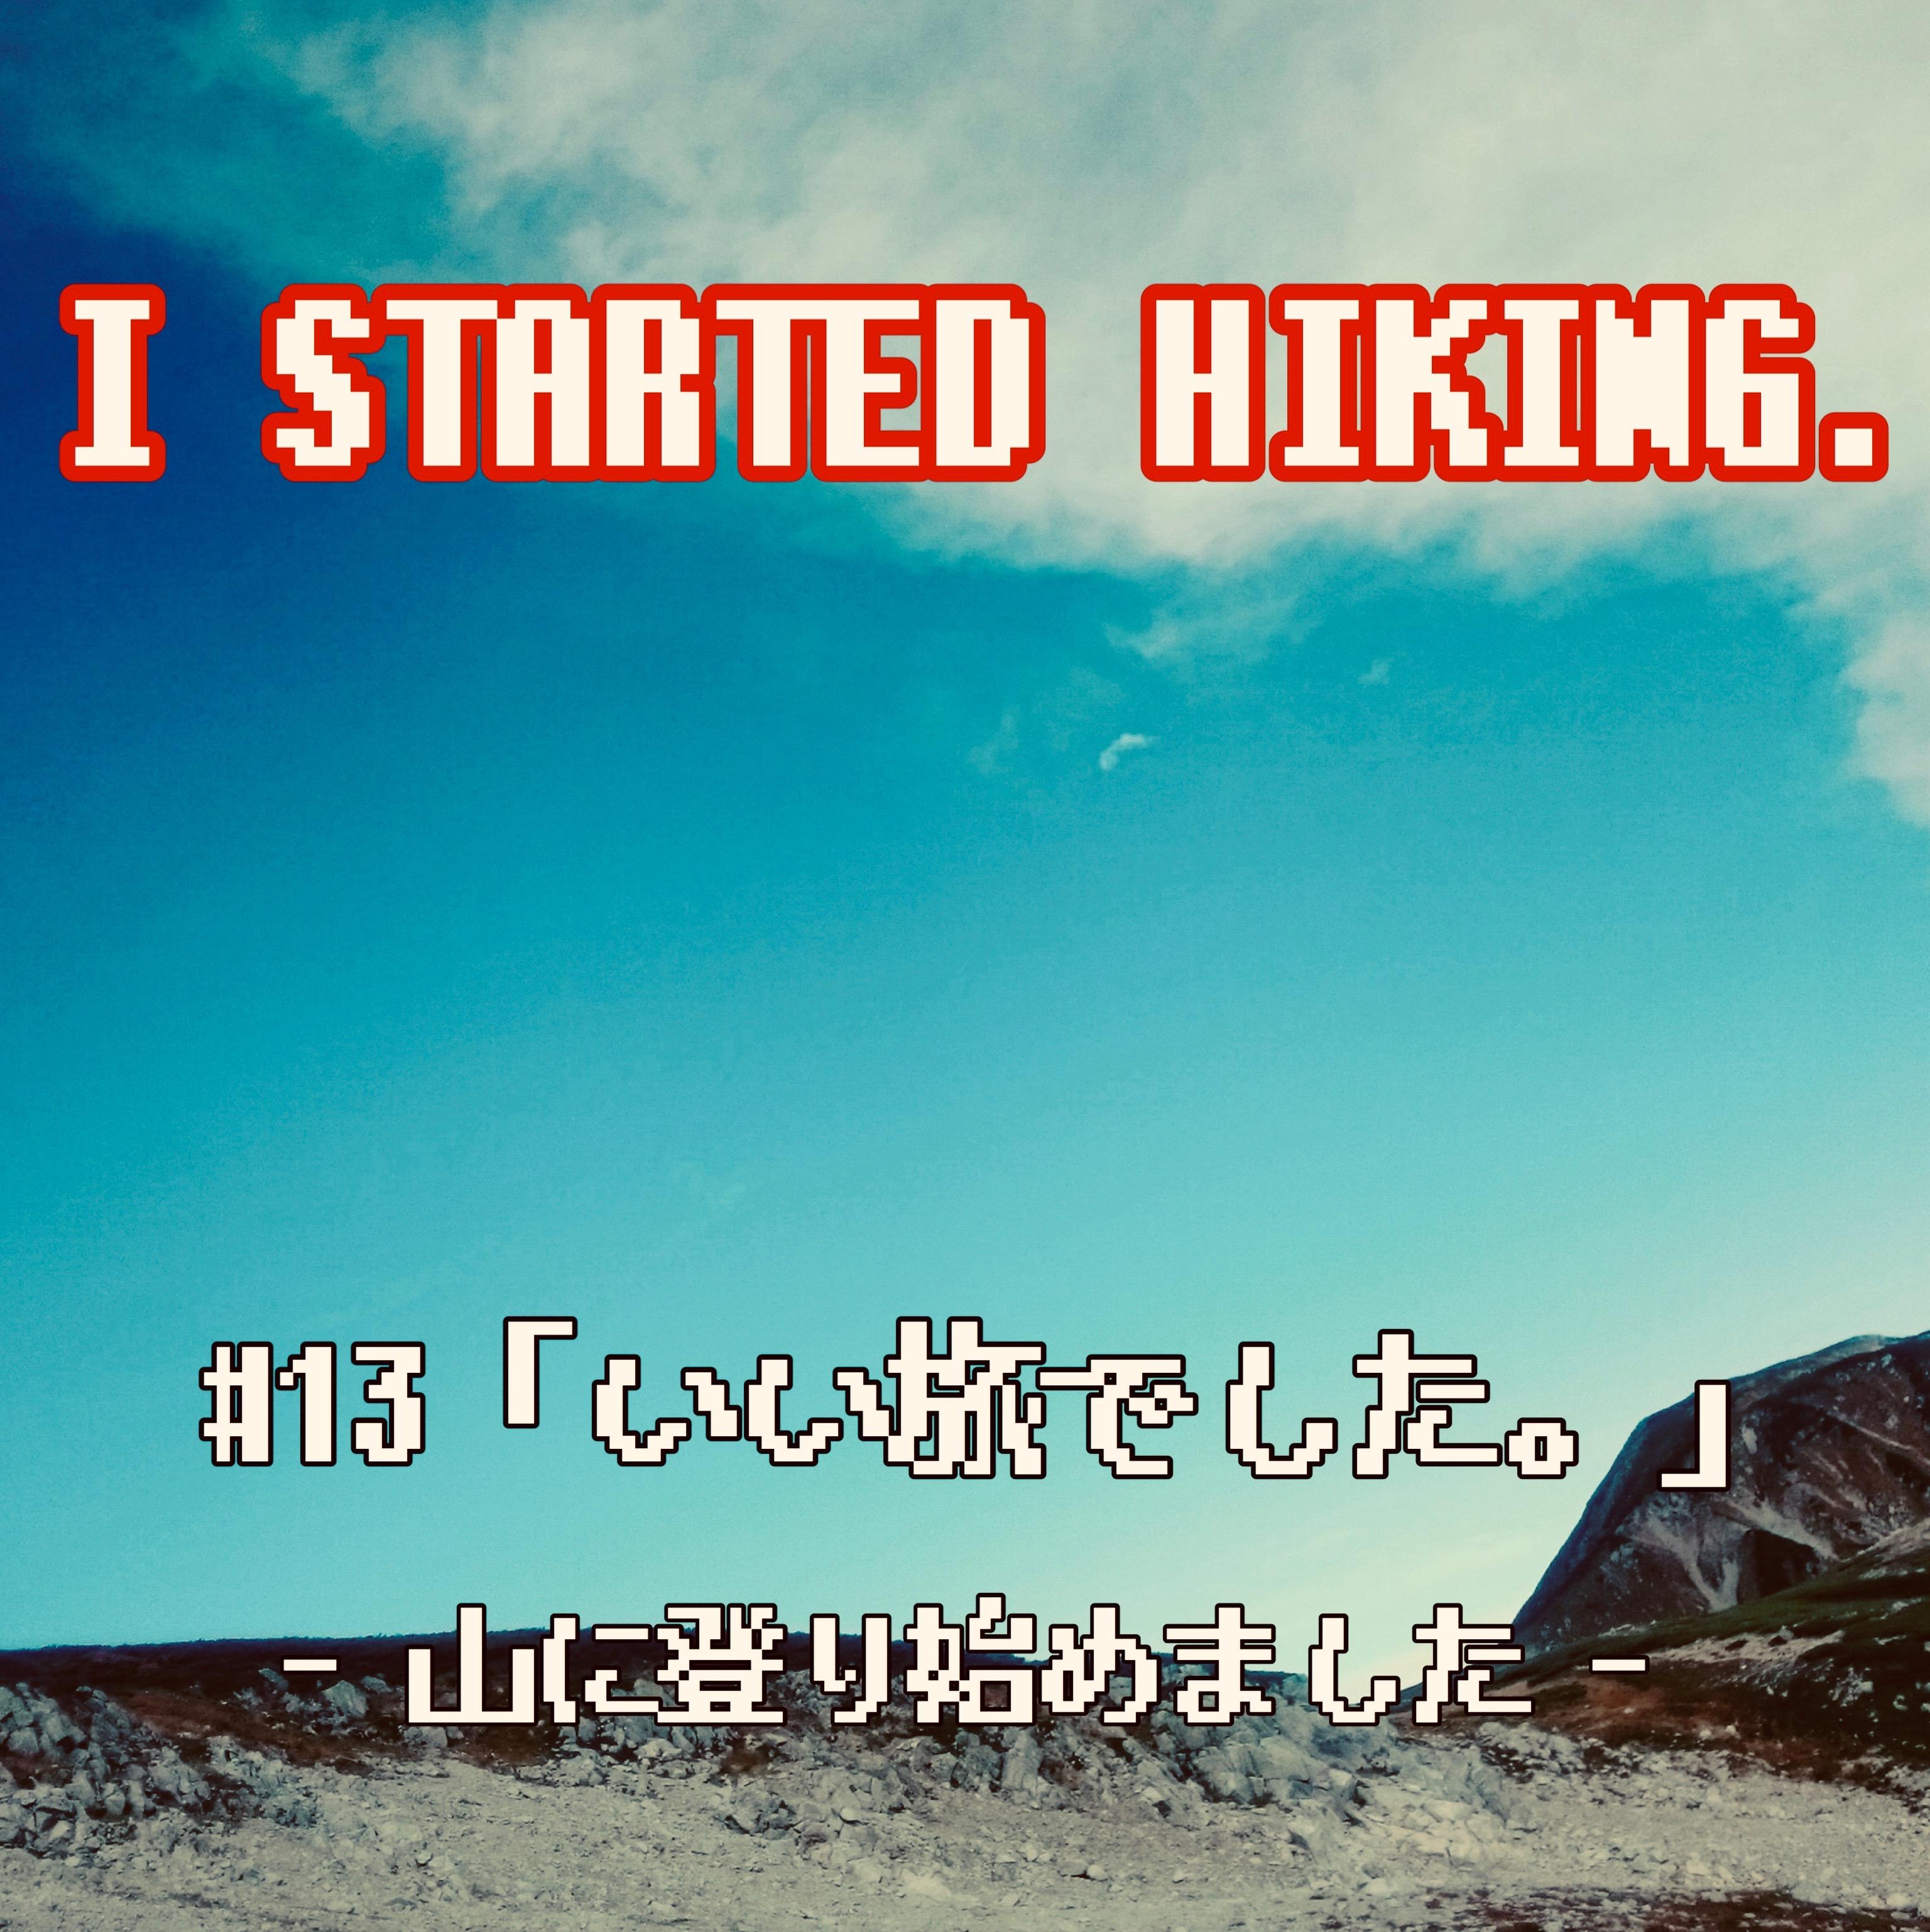 「山に登り始めました。 」#13 いい旅でした。